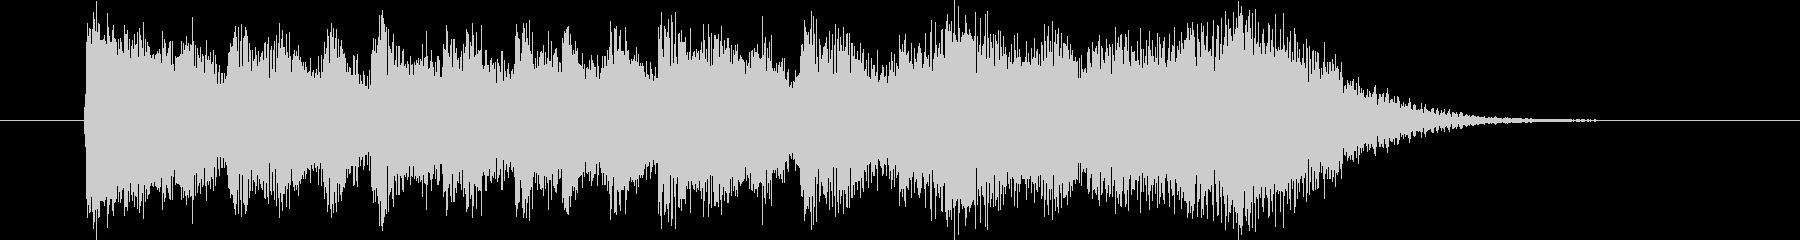 明るく元気で展開のある短い曲の未再生の波形